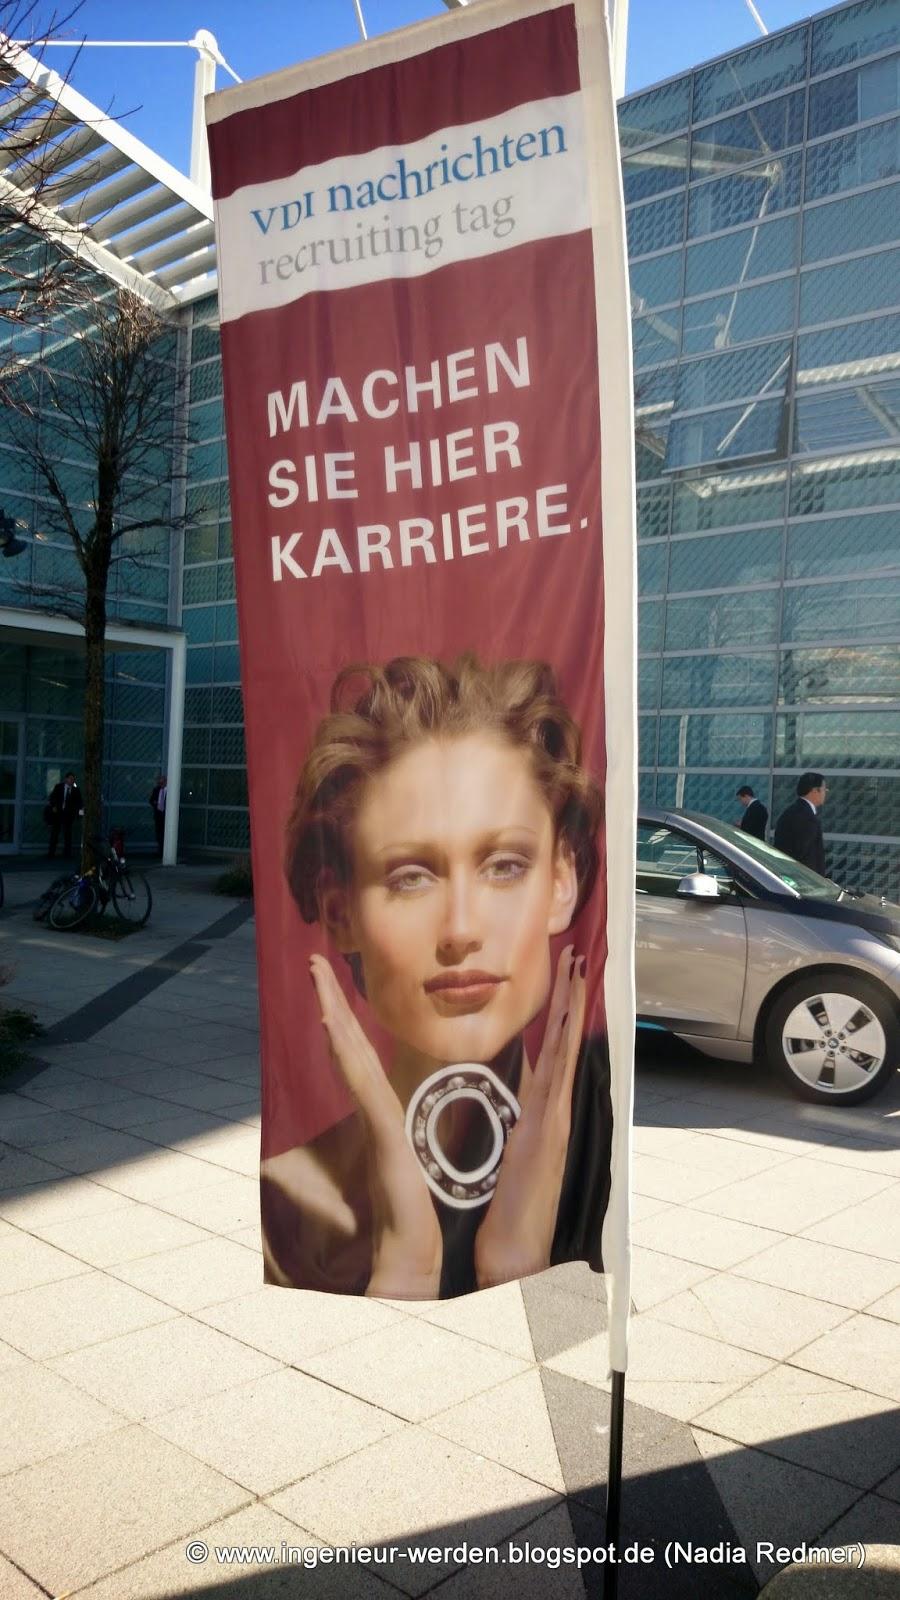 VDI nachrichten recruiting Tag in München (03/2014)